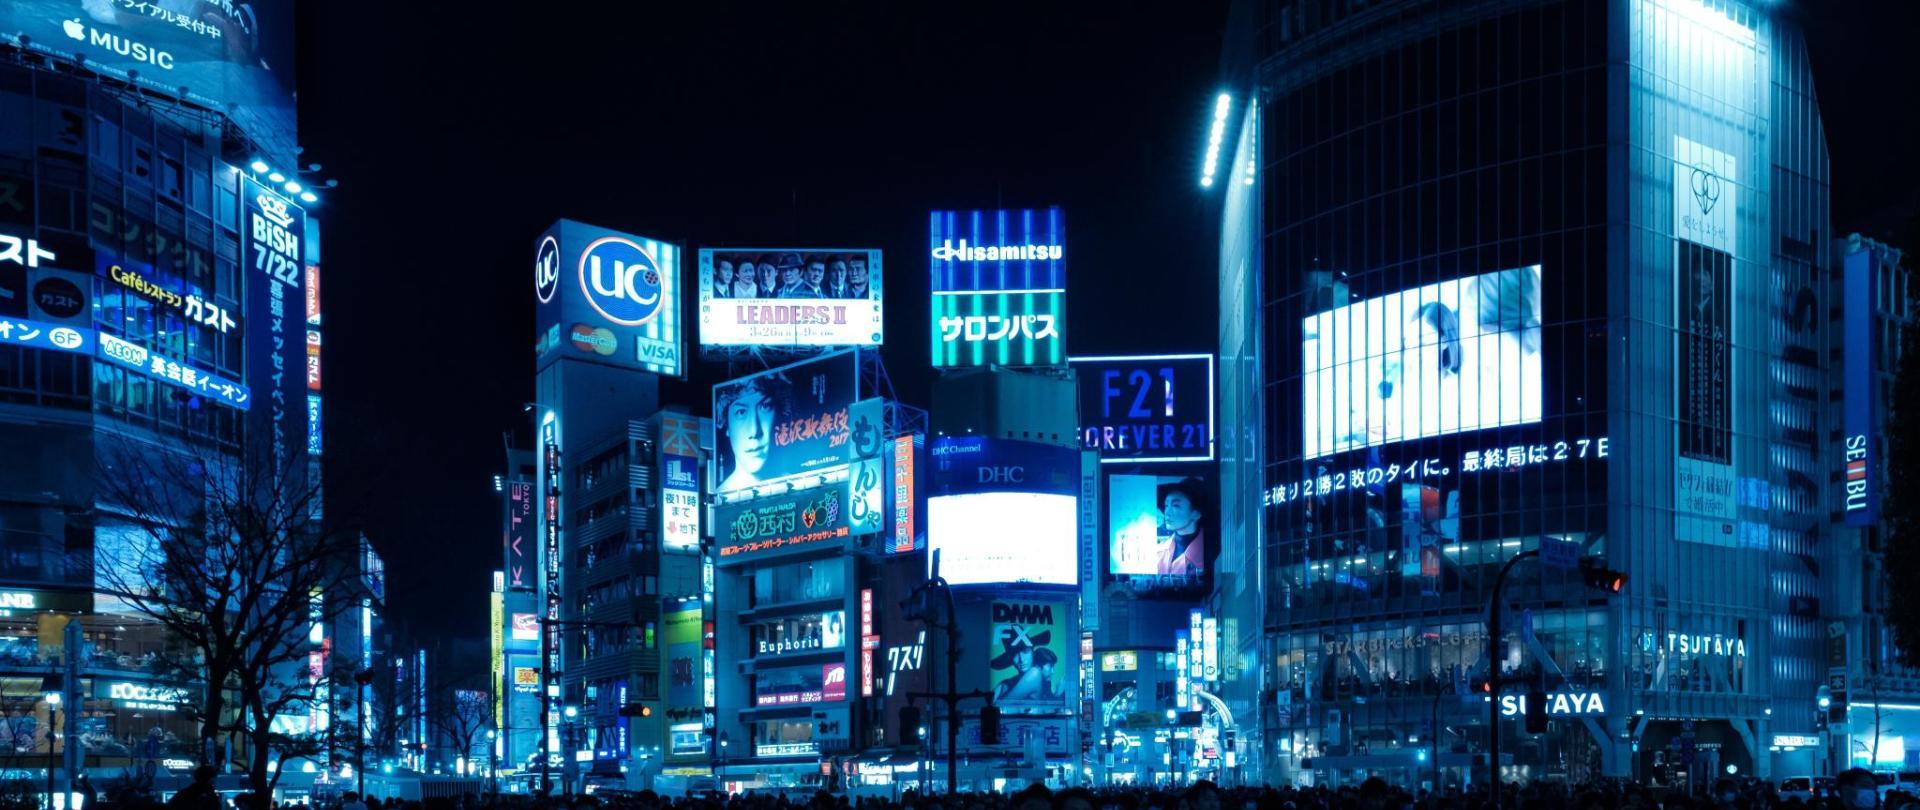 architecture-billboards-blue-417350.jpg